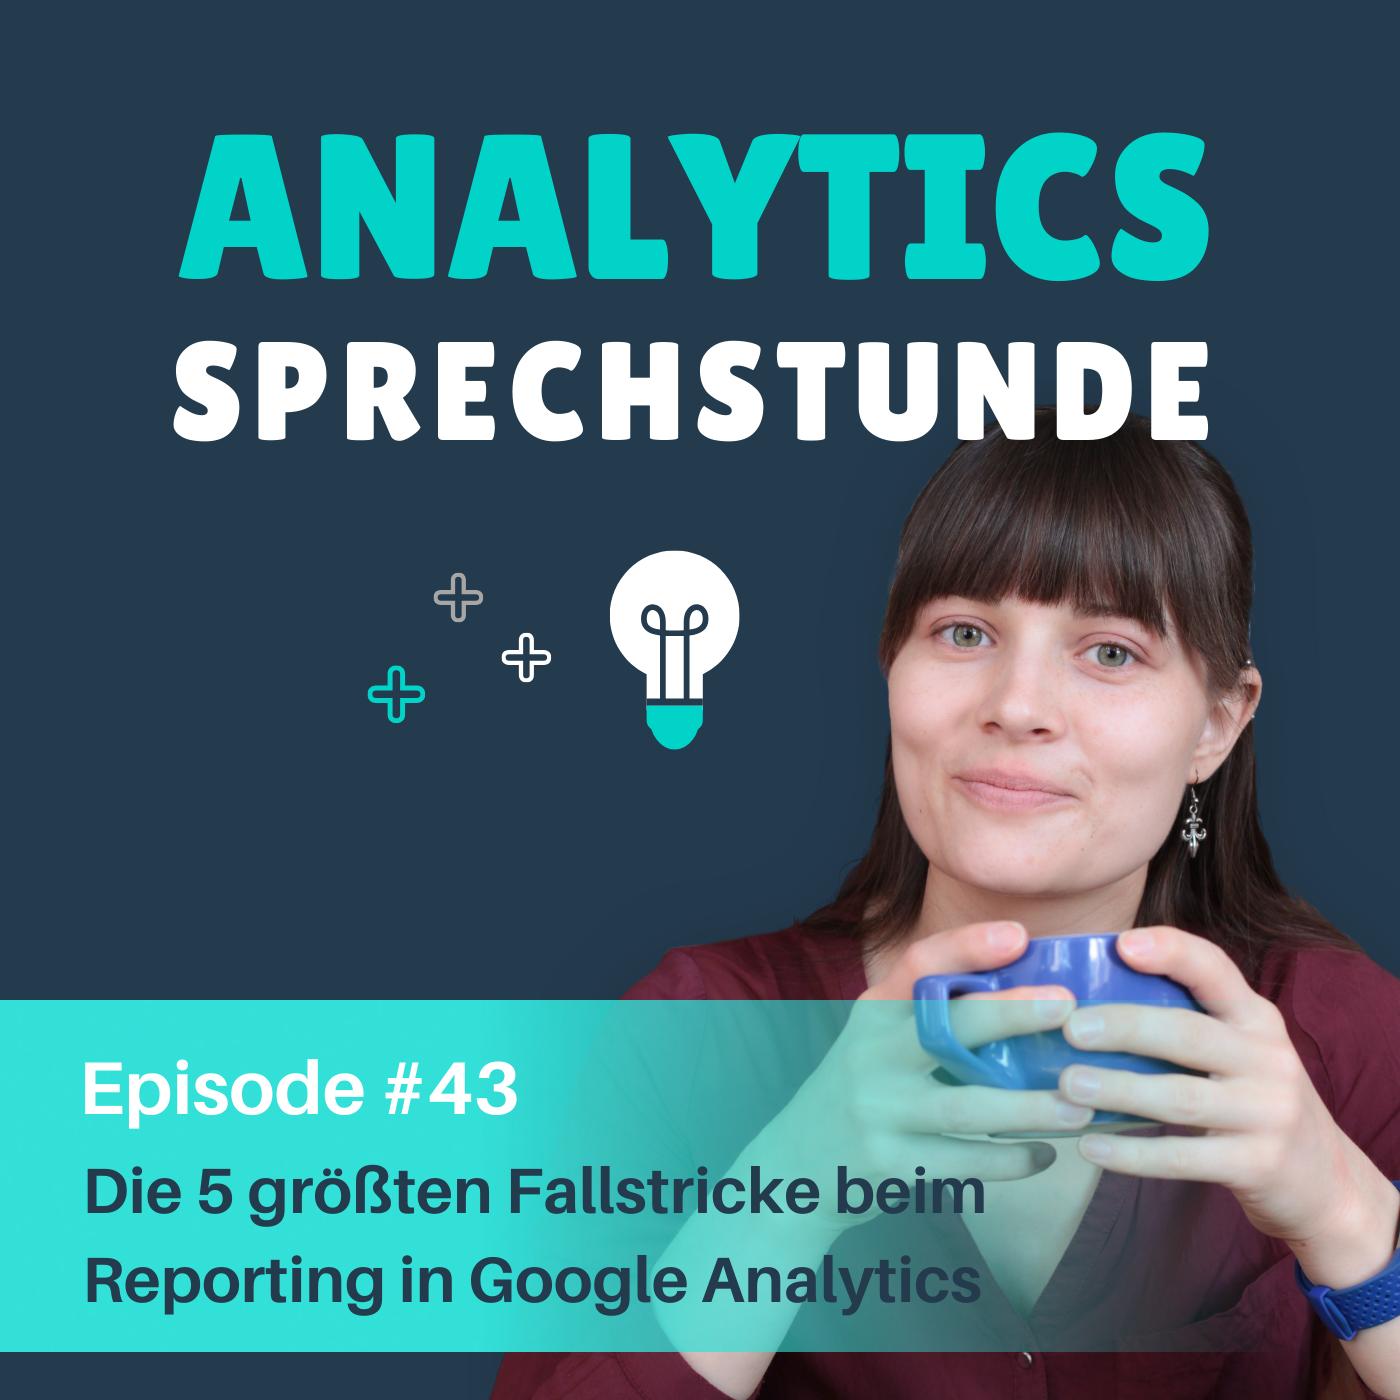 43 Die 5 größten Fallstricke beim Reporting in Google Analytics